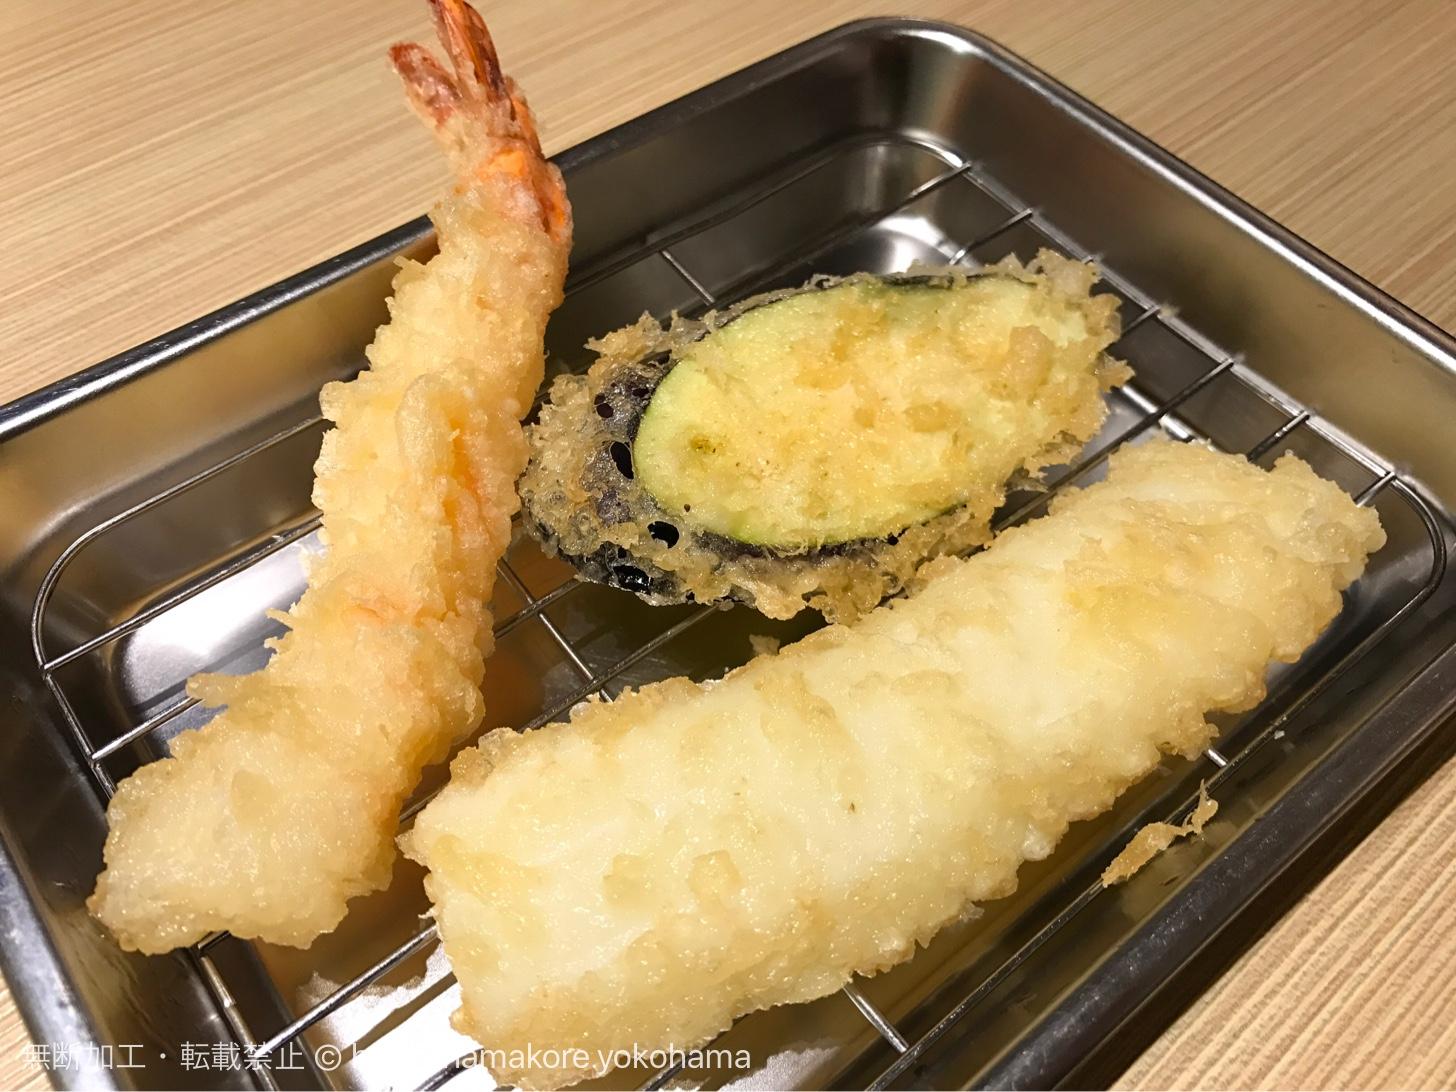 横浜駅 博多天ぷら「たかお」は揚げたて天ぷらを複数回で提供!常に熱々、安くて絶品!